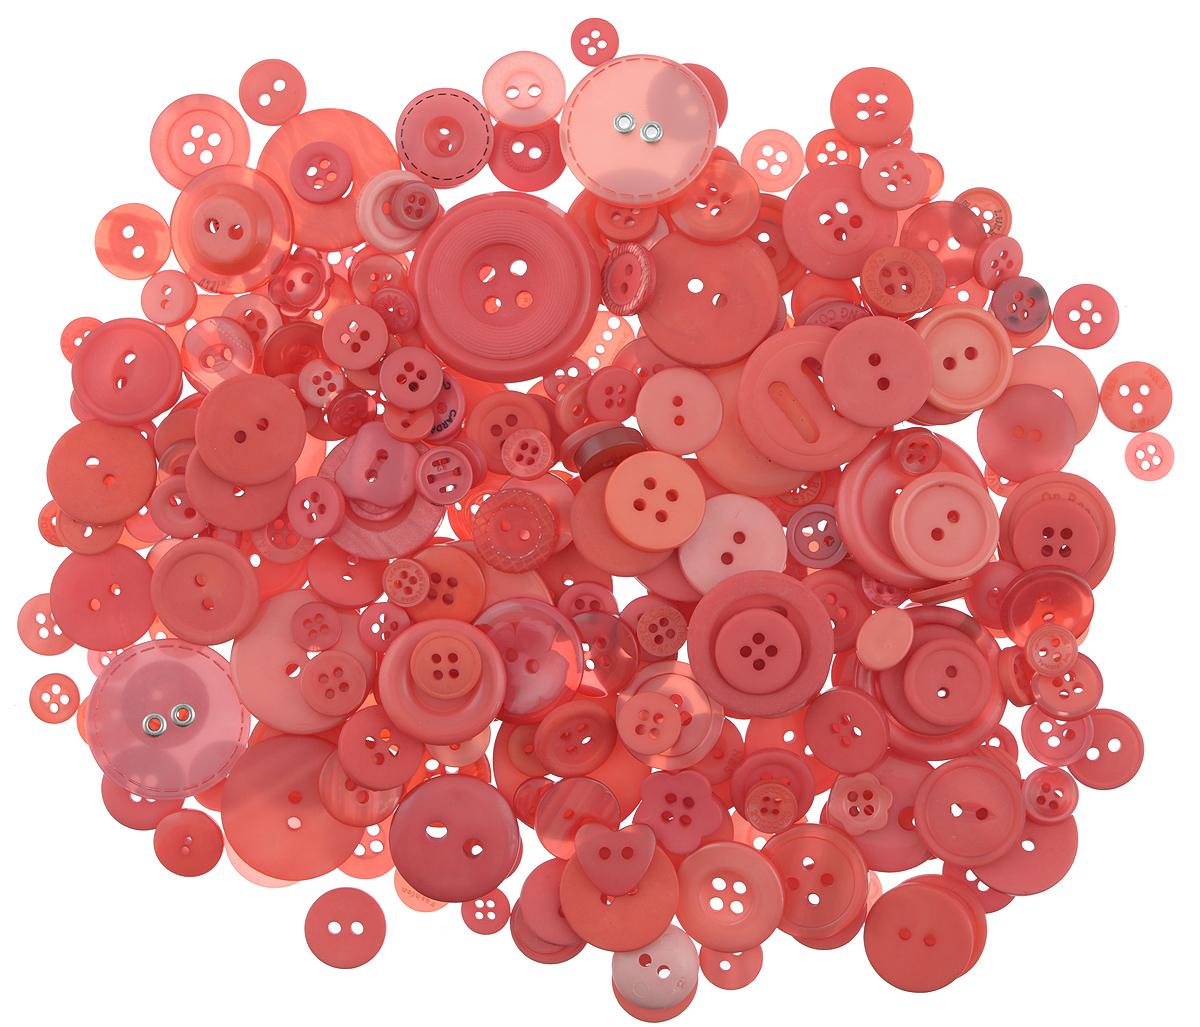 Пуговицы декоративные Buttons Galore & More Laura Kelly, цвет: арбуз, 155 г. 77088817708881_АрбузНабор пуговиц для творчества и декорирования одежды Buttons Galore & More Laura Kelly изготовлен из высококачественного пластика. В набор входят пуговицы различных размеров и с разным количеством отверстий. Такие пуговицы подходят для любых видов творчества: скрапбукинга, декорирования, шитья, изготовления кукол, а также для оформления одежды. С их помощью вы сможете украсить открытку, фотографию, альбом, подарок и другие предметы ручной работы. Пуговицы имеют оригинальный и яркий дизайн. Средний диаметр пуговиц: 1,7 см.